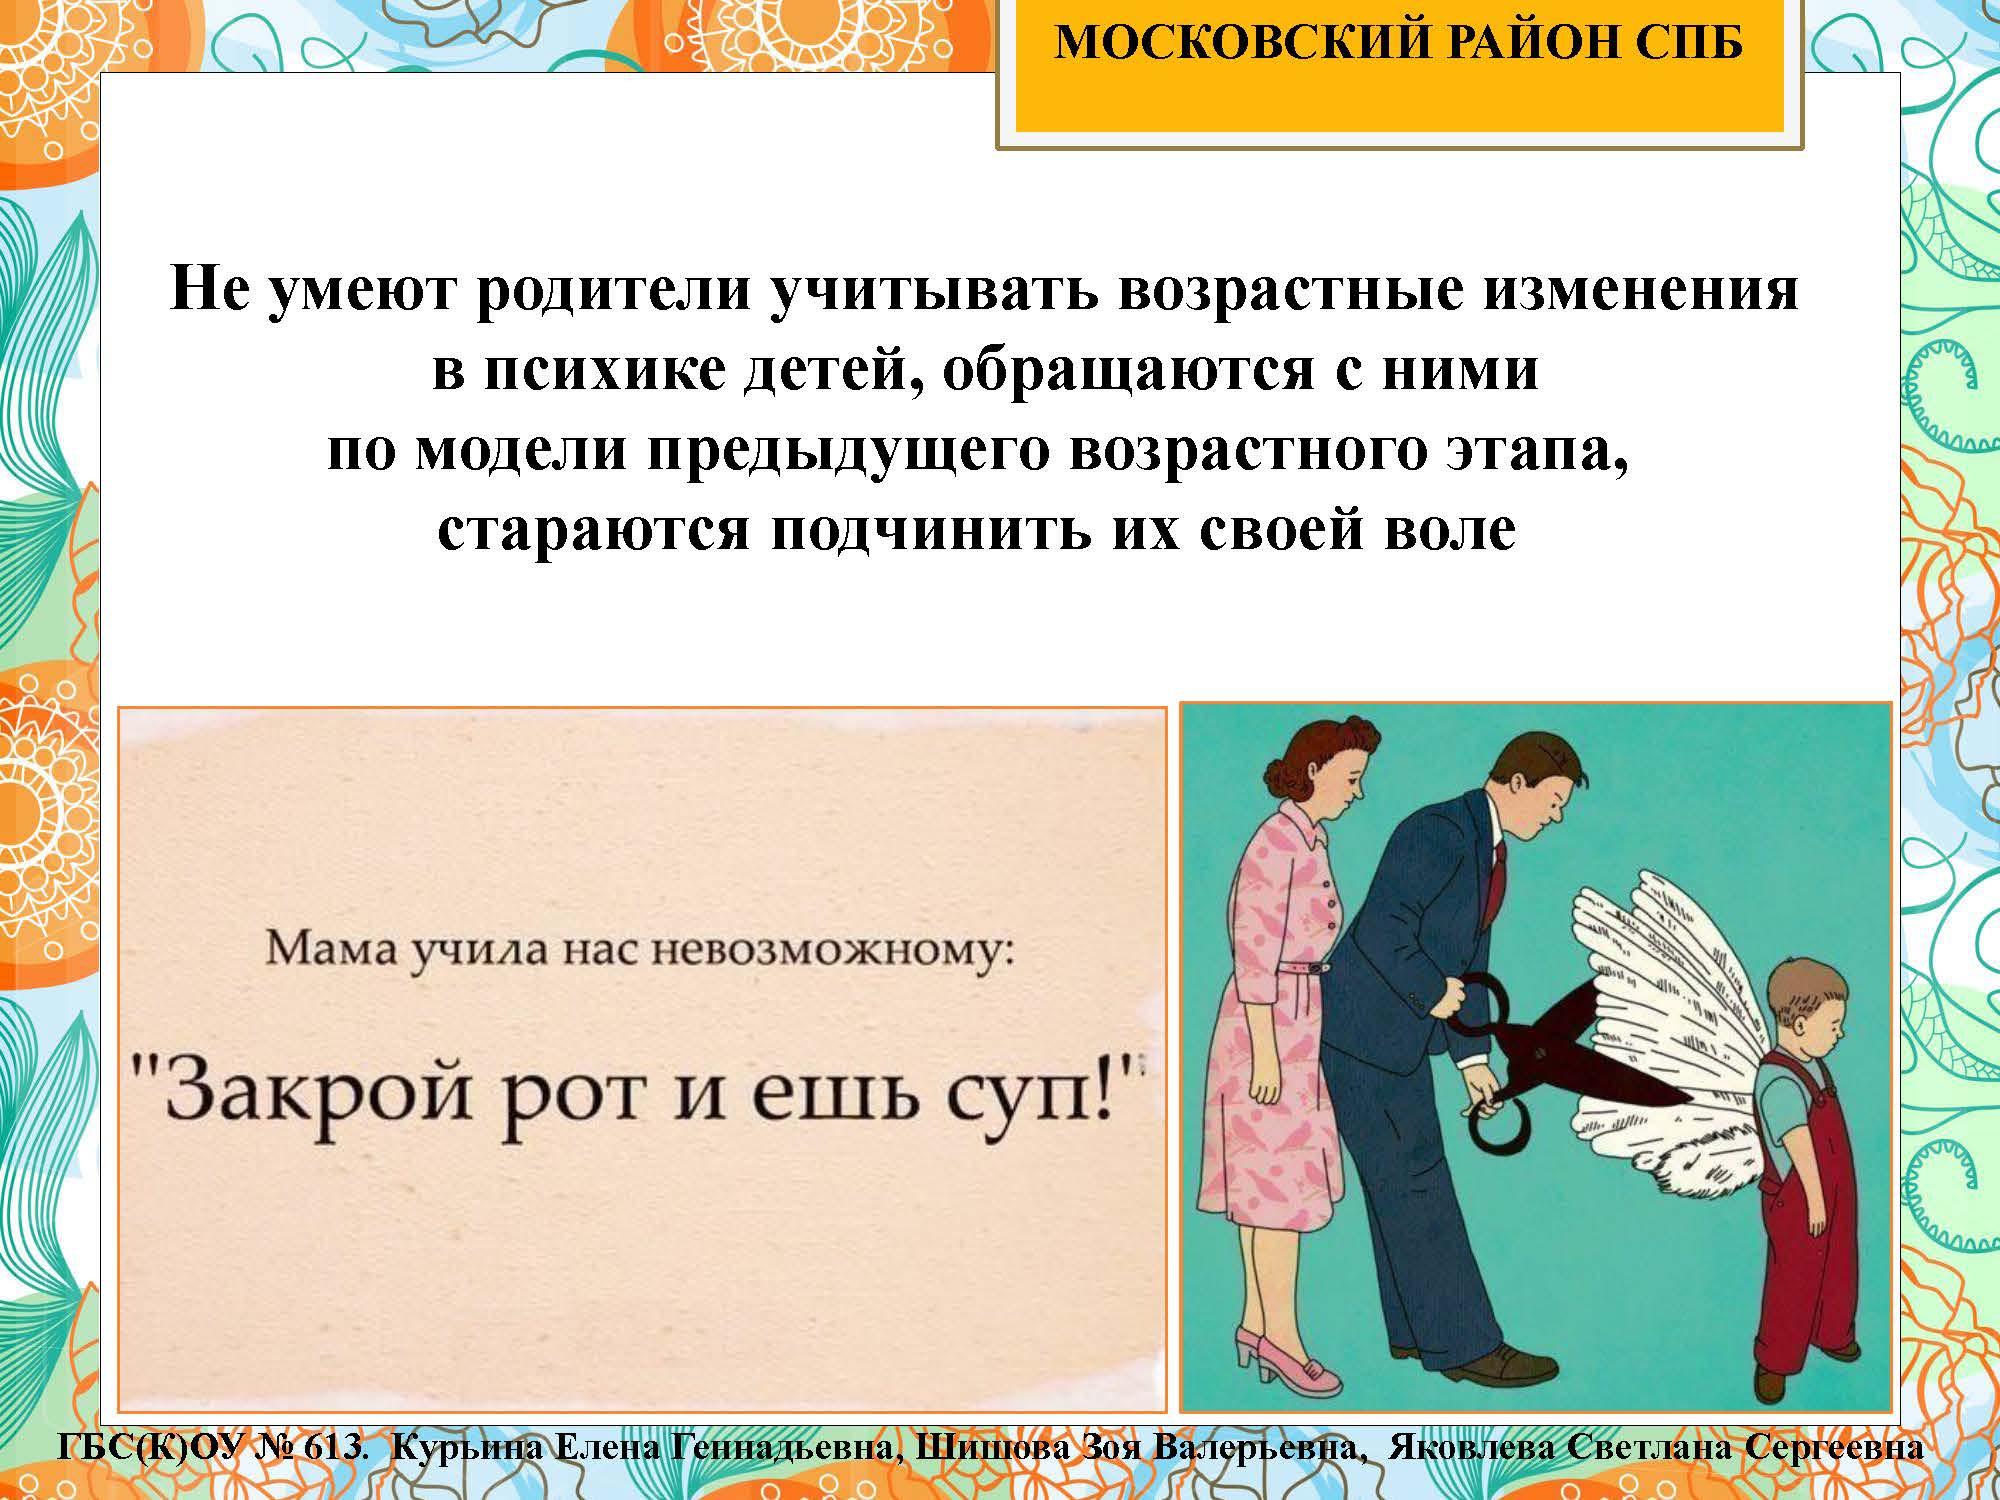 секция 8. ГБС(К)ОУ 613. Московский район_Страница_05